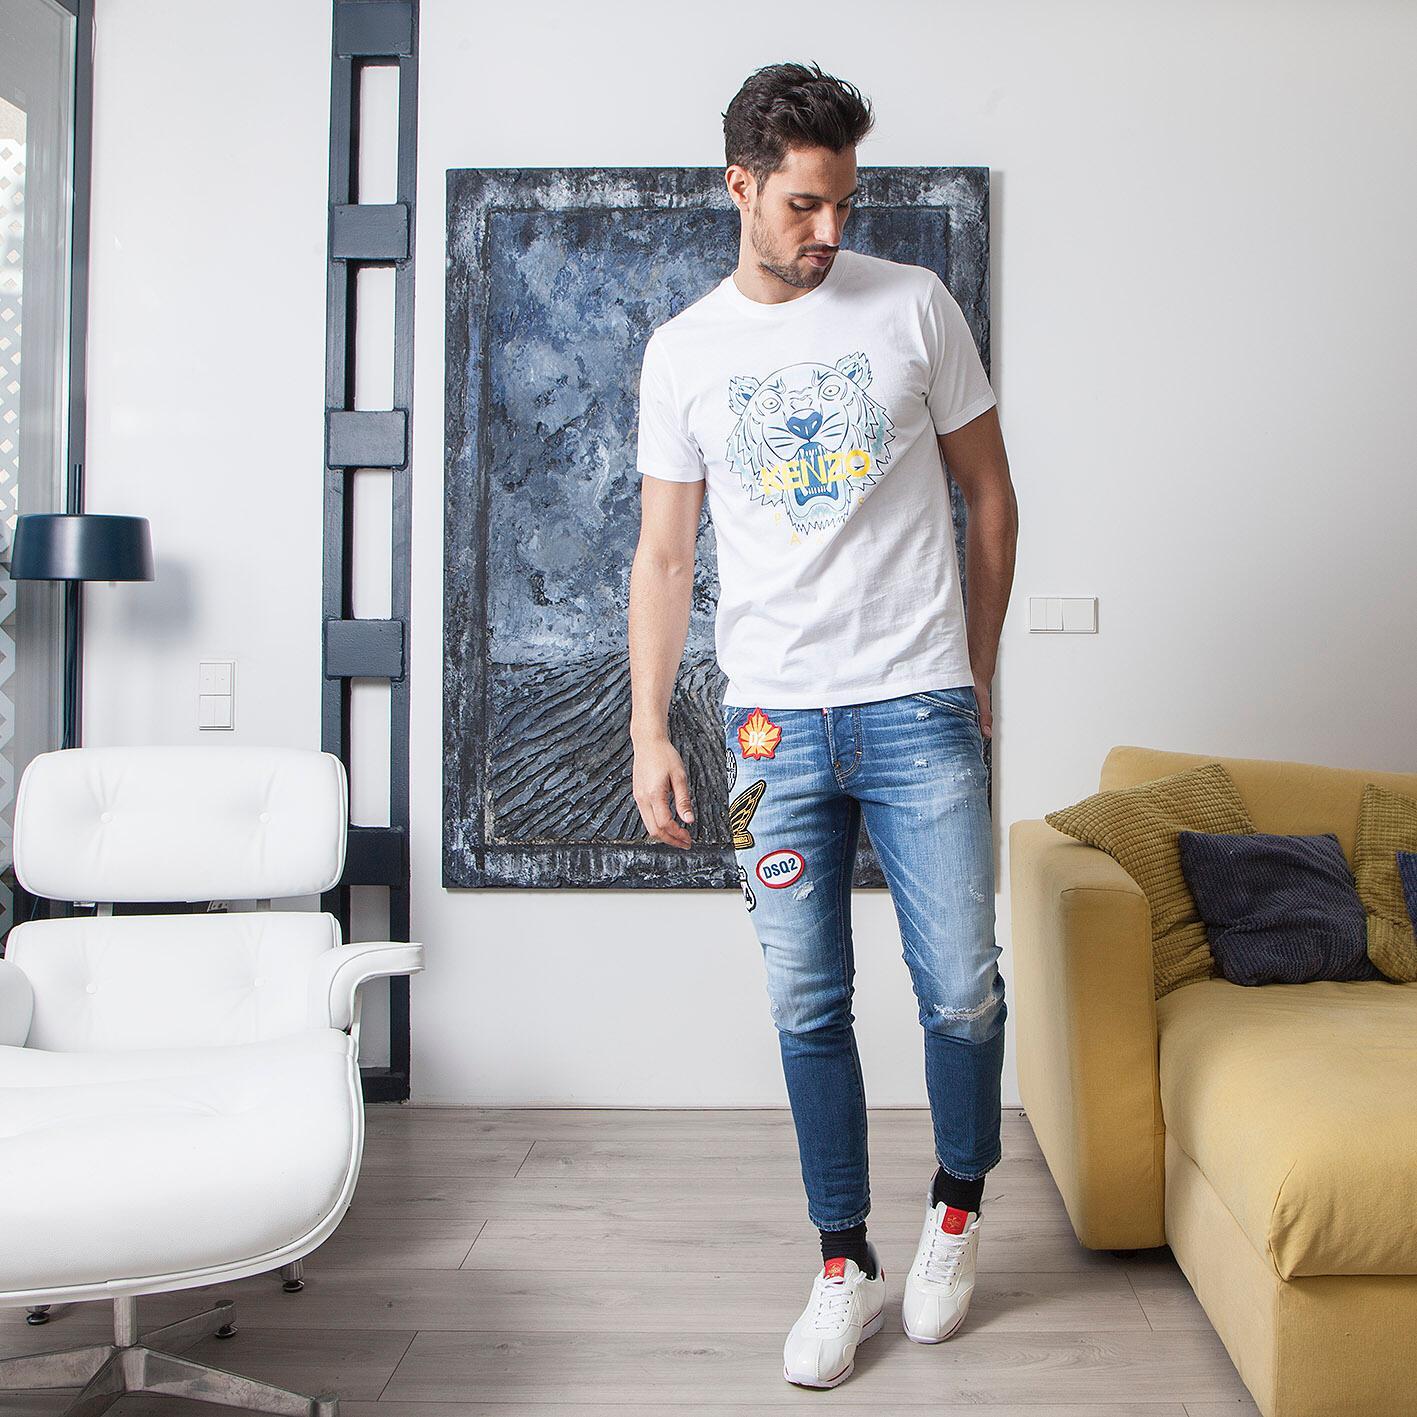 Alejandro moda reforma PREAR Arquitectos